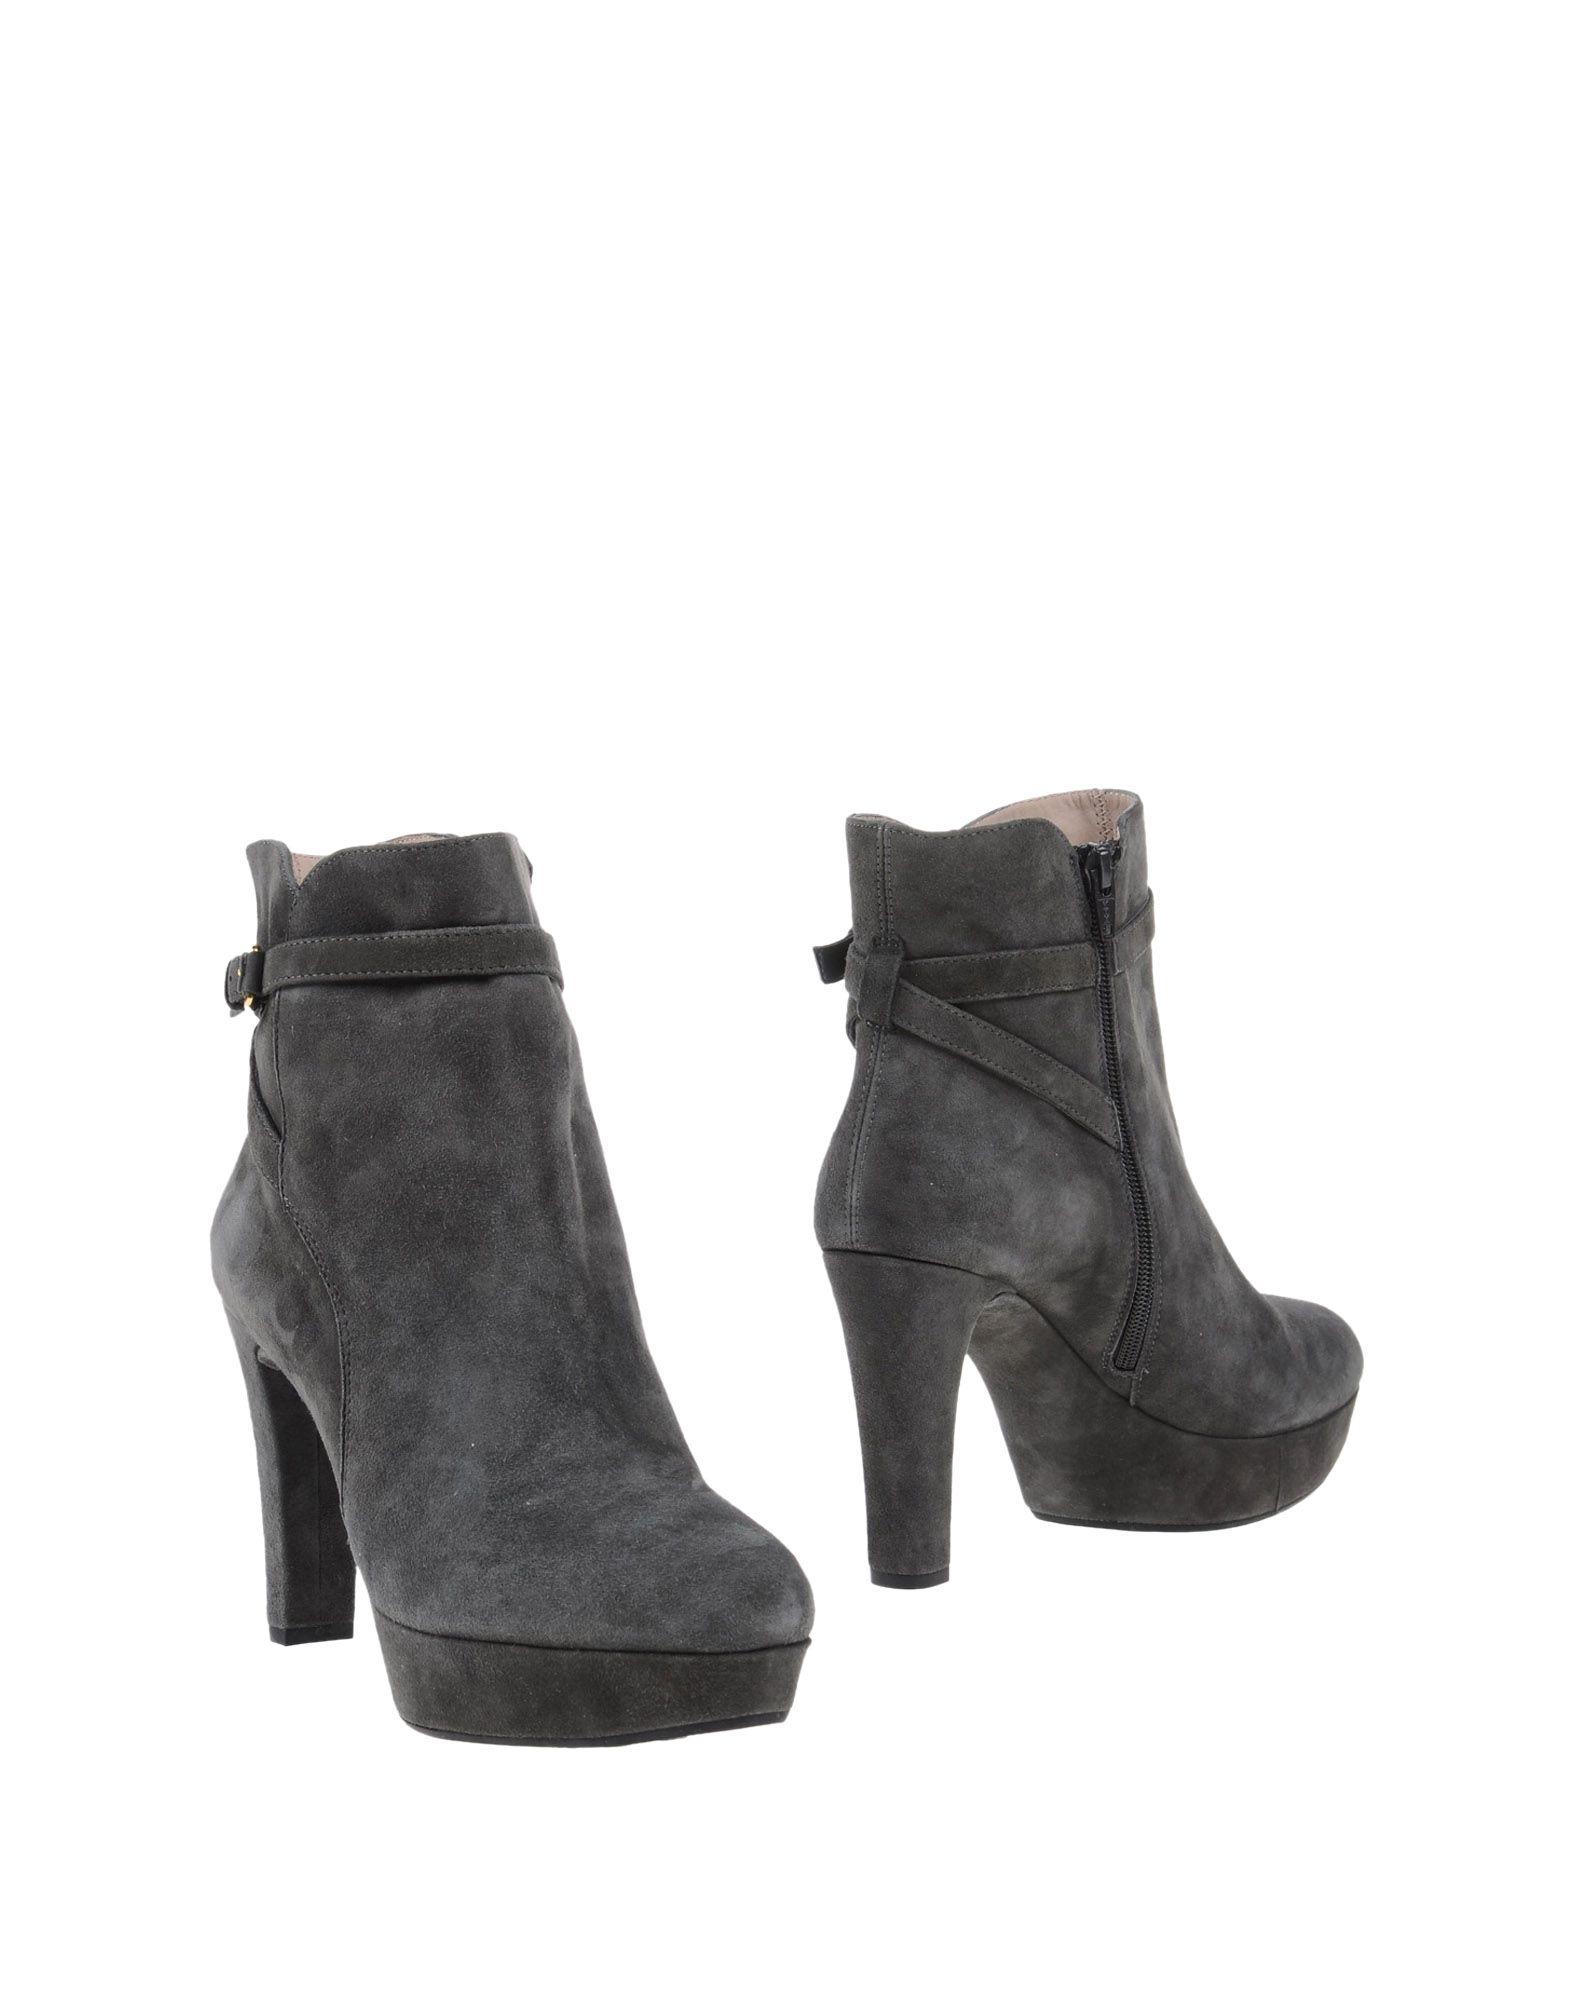 Gut um billige Damen Schuhe zu tragenUnisa Stiefelette Damen billige  44686580OI 89a787